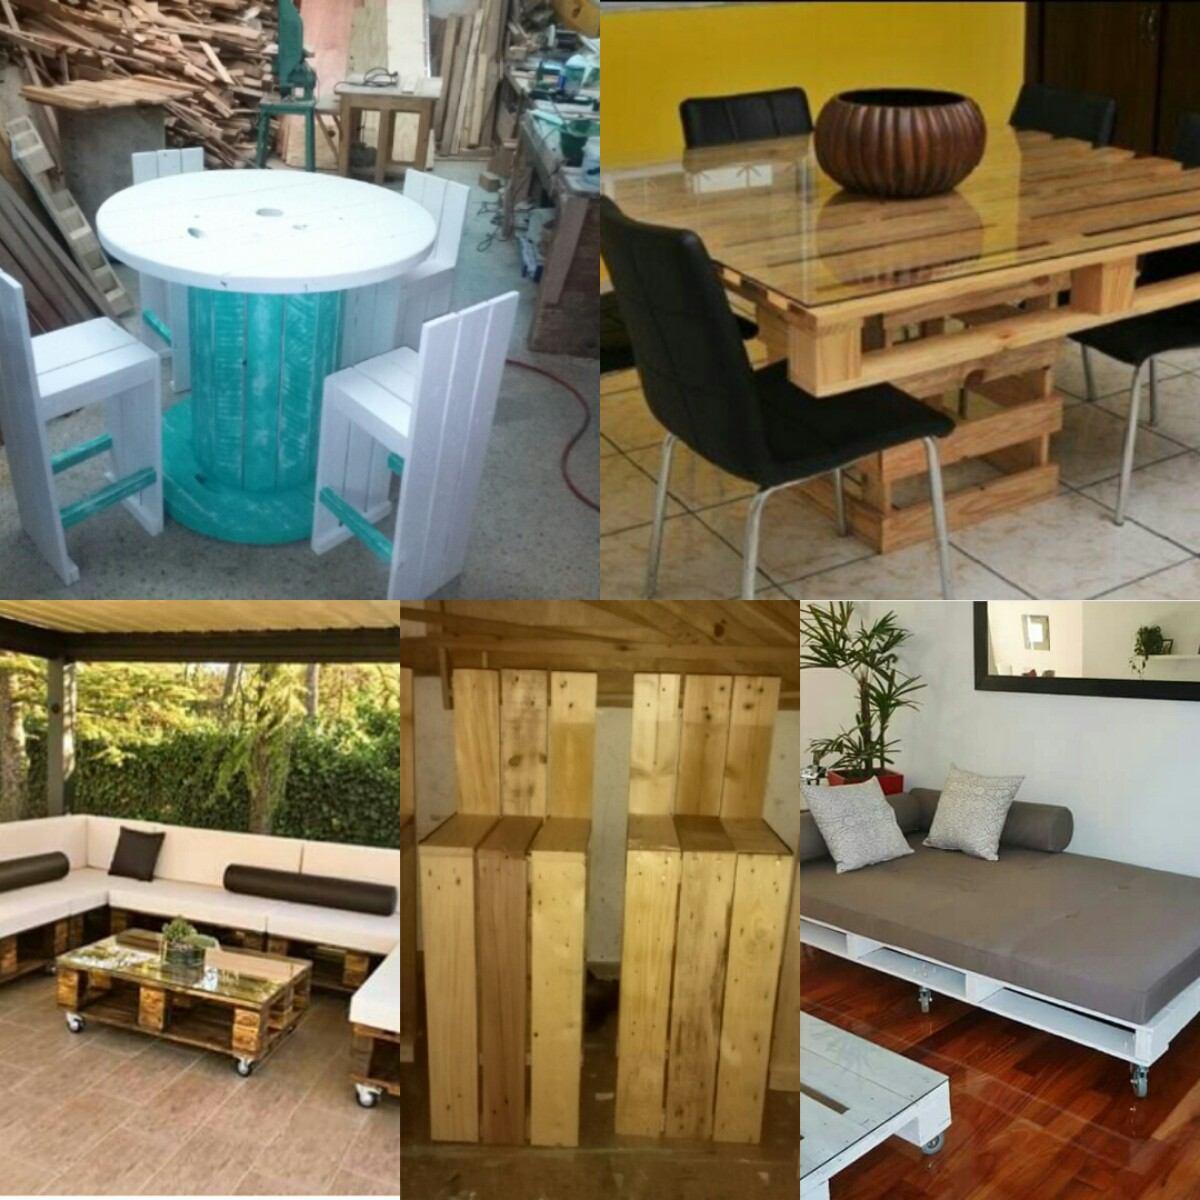 Muebles con estibas r stico o terminados en for Se compran muebles usados